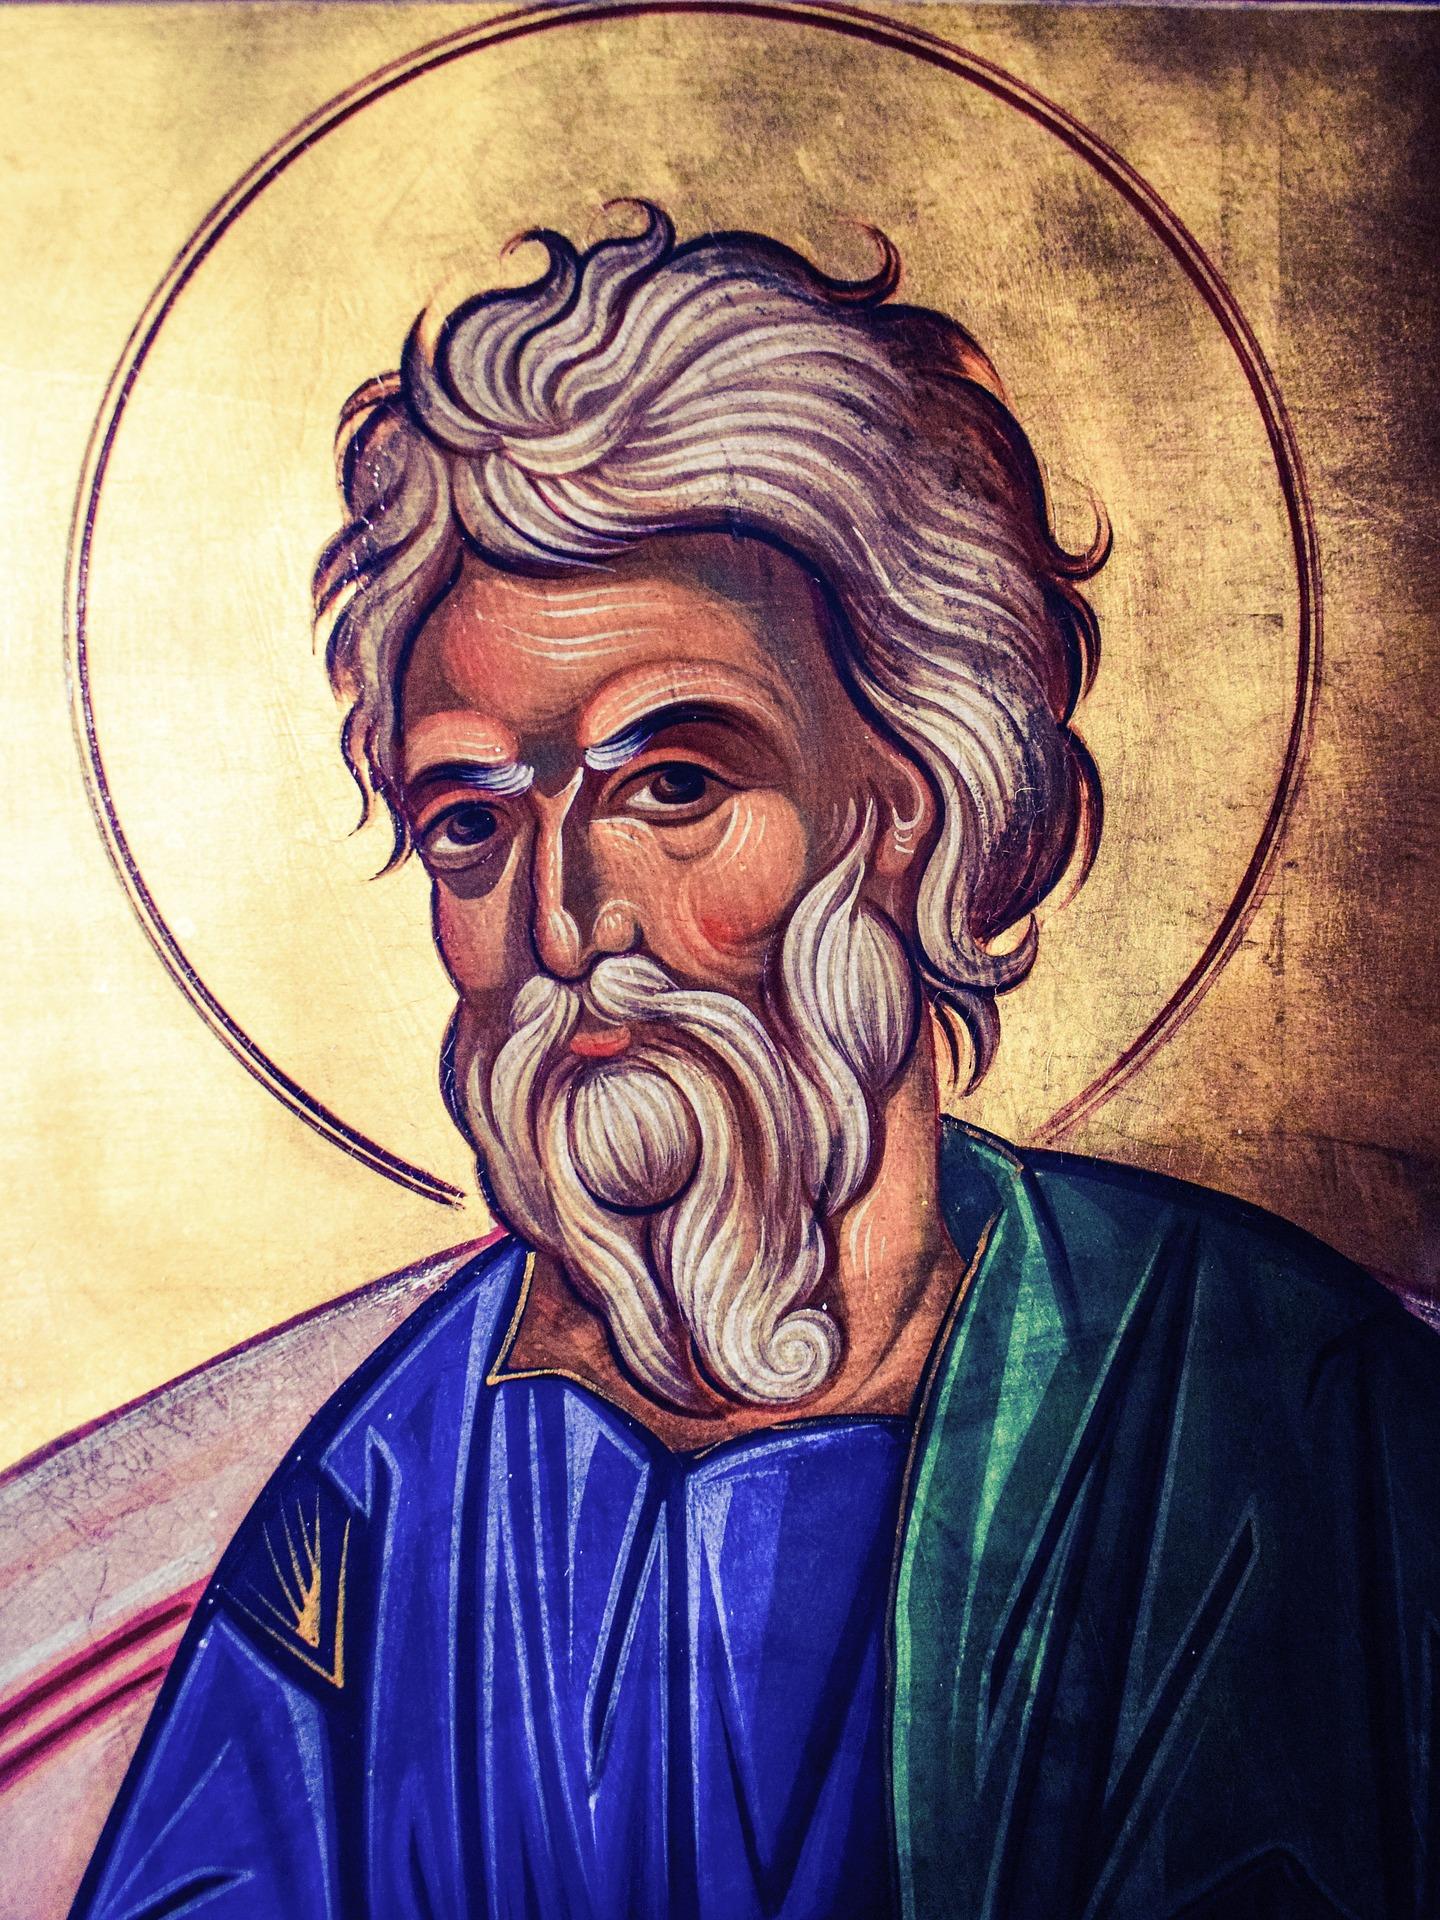 Decouvrez La petite Histoire de Saint-André l'Apôtre